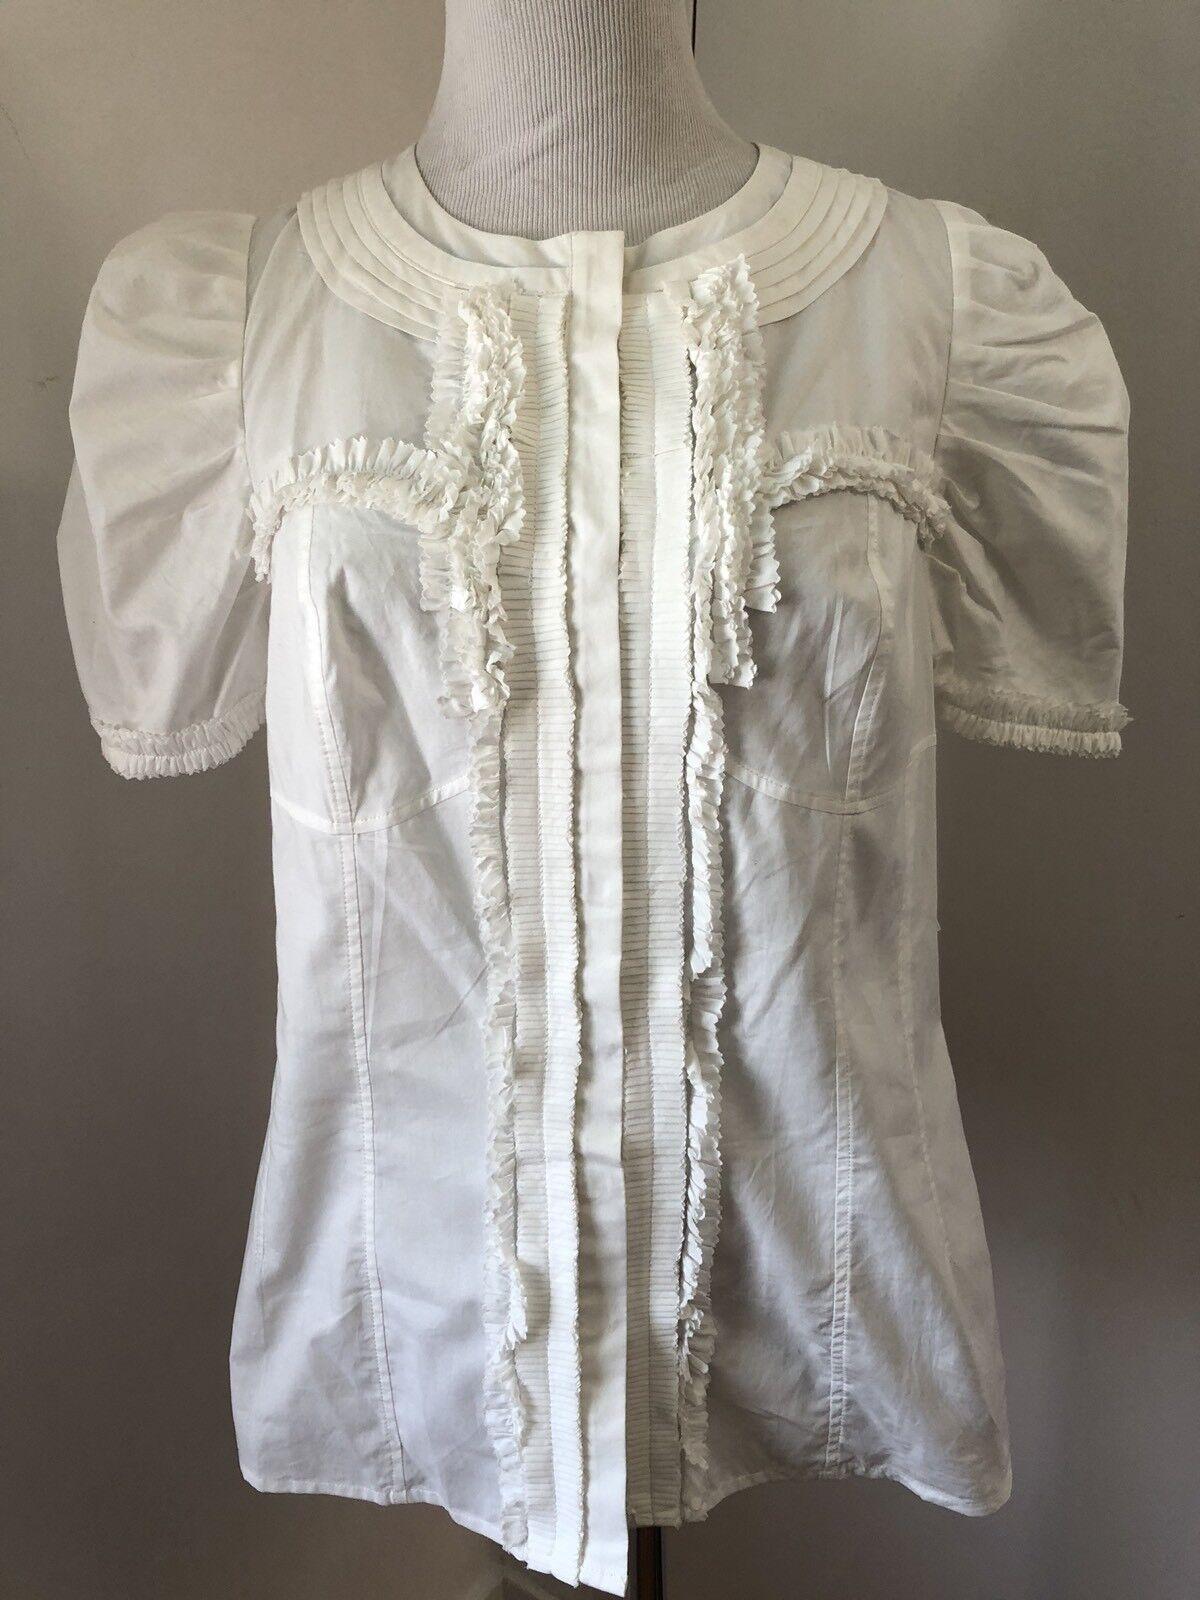 NWT anthropologie liefsdottir Weiß cotton shirt blouse top ruffles Sz 8